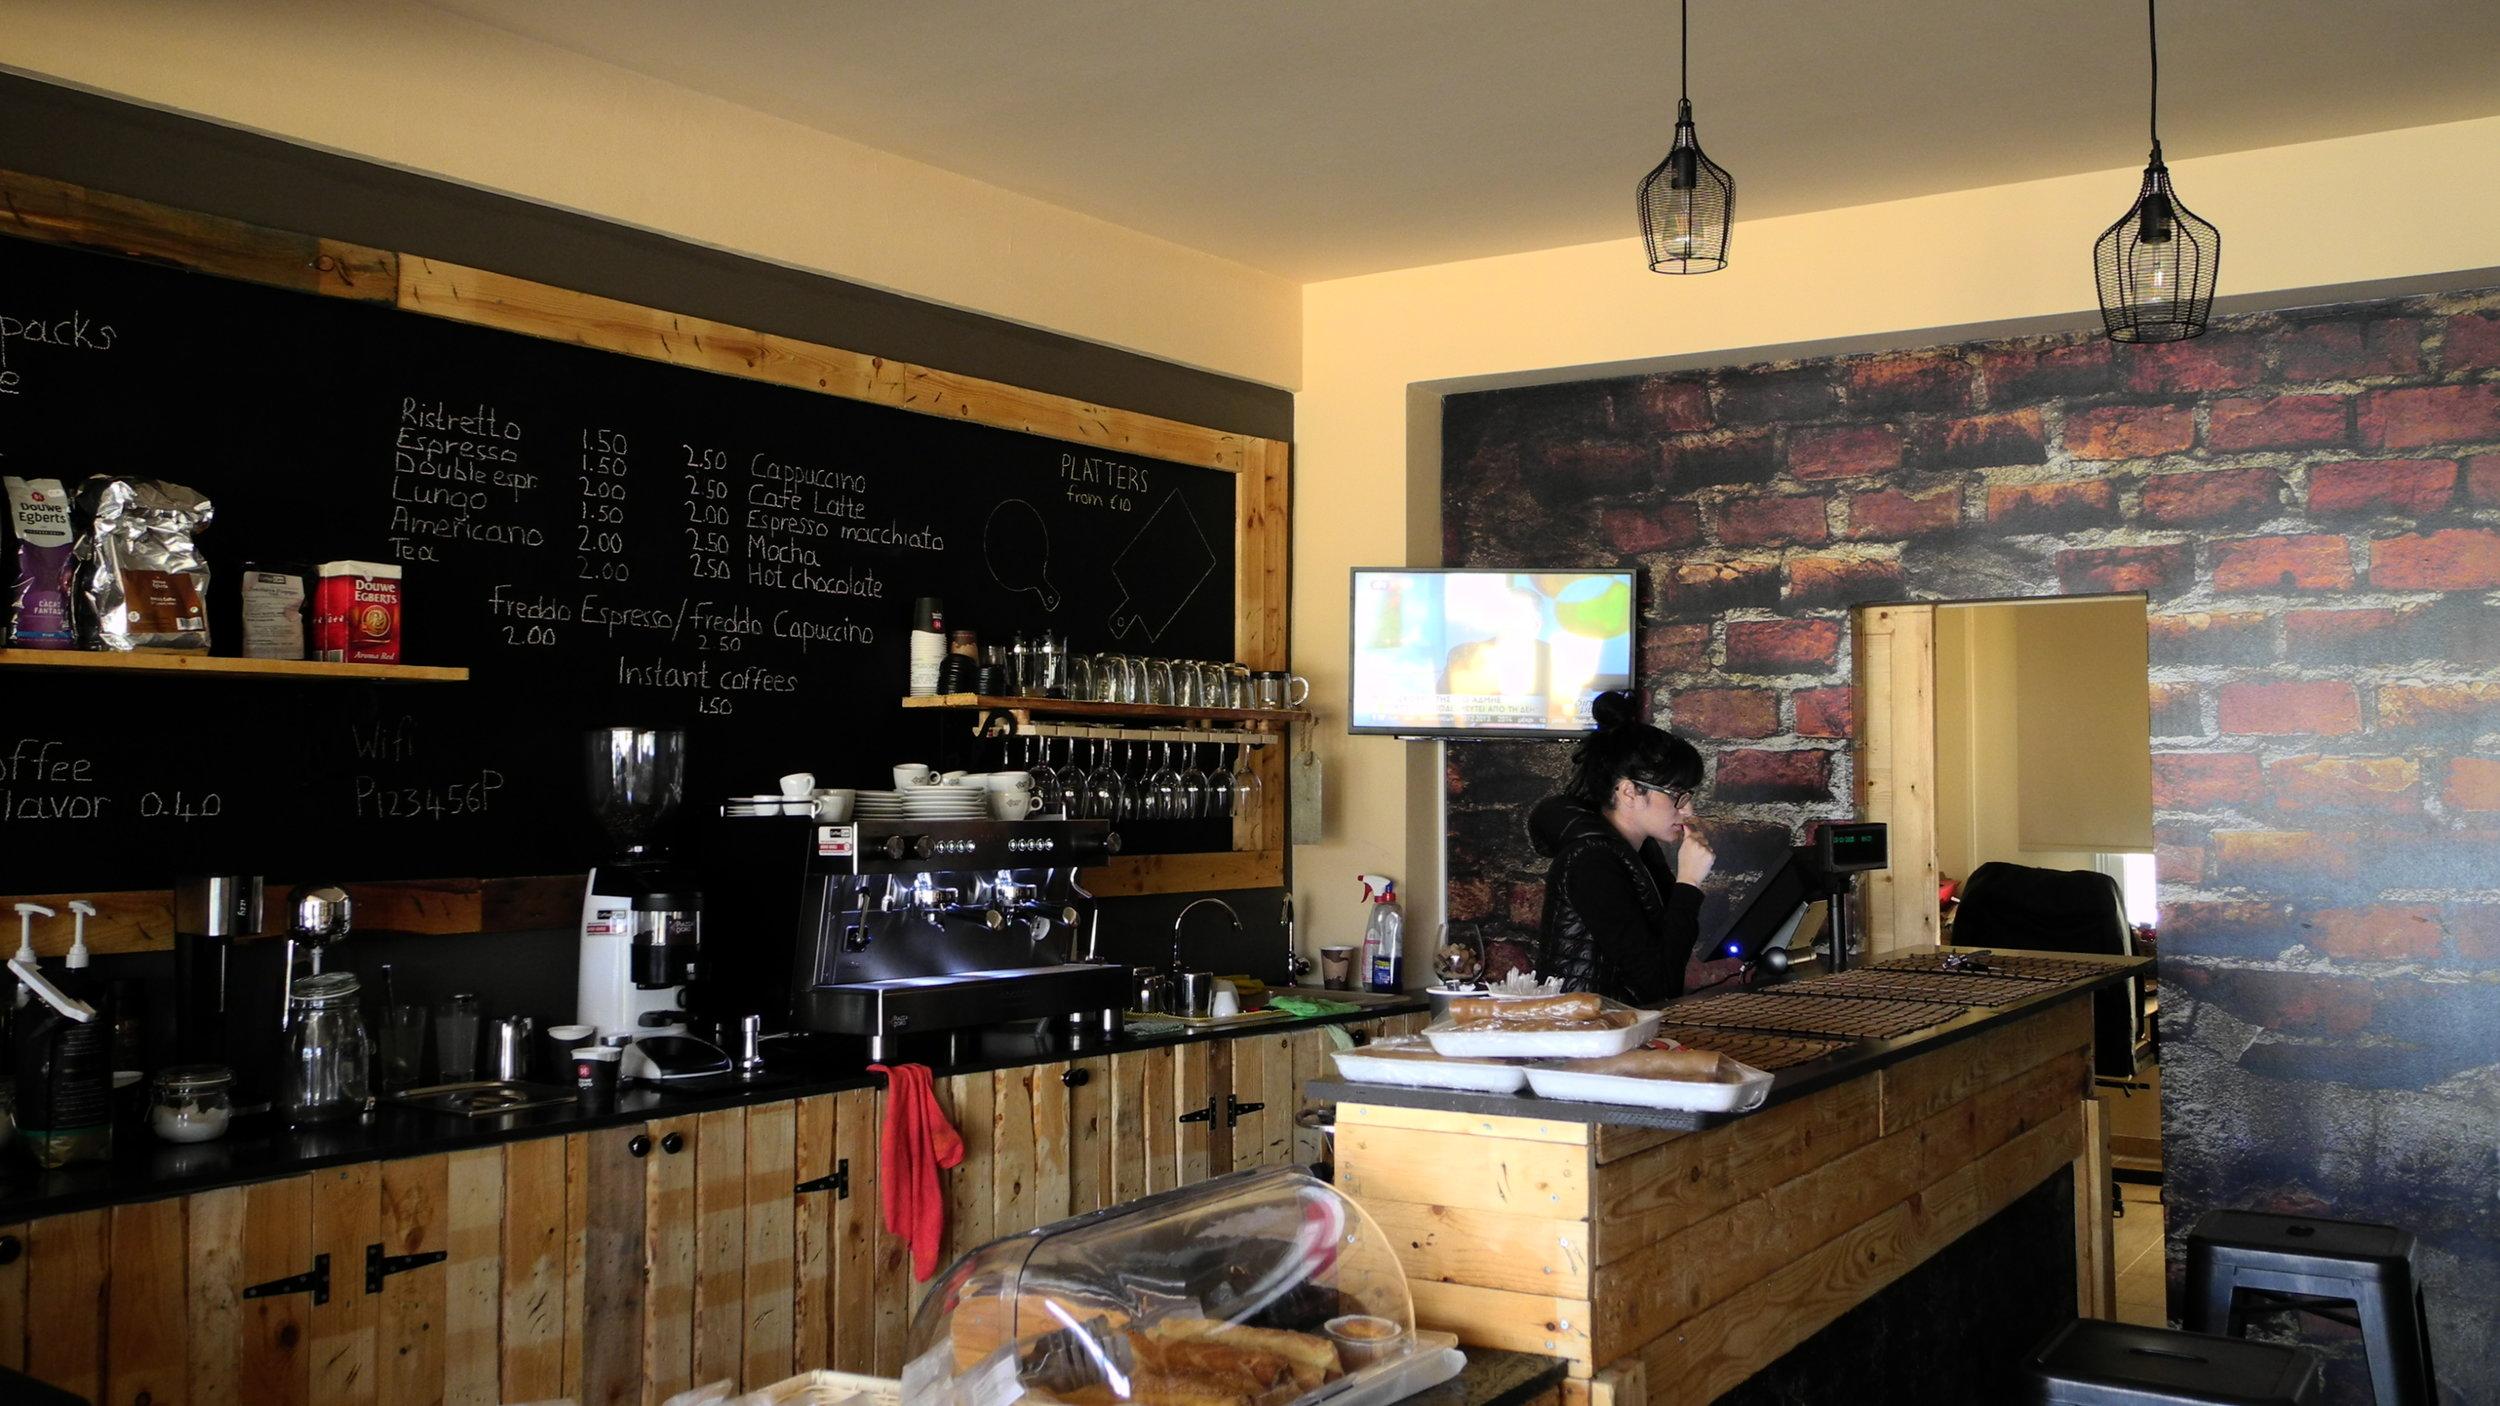 PALETTO ESPRESSO COFFEE BAR DESIGN